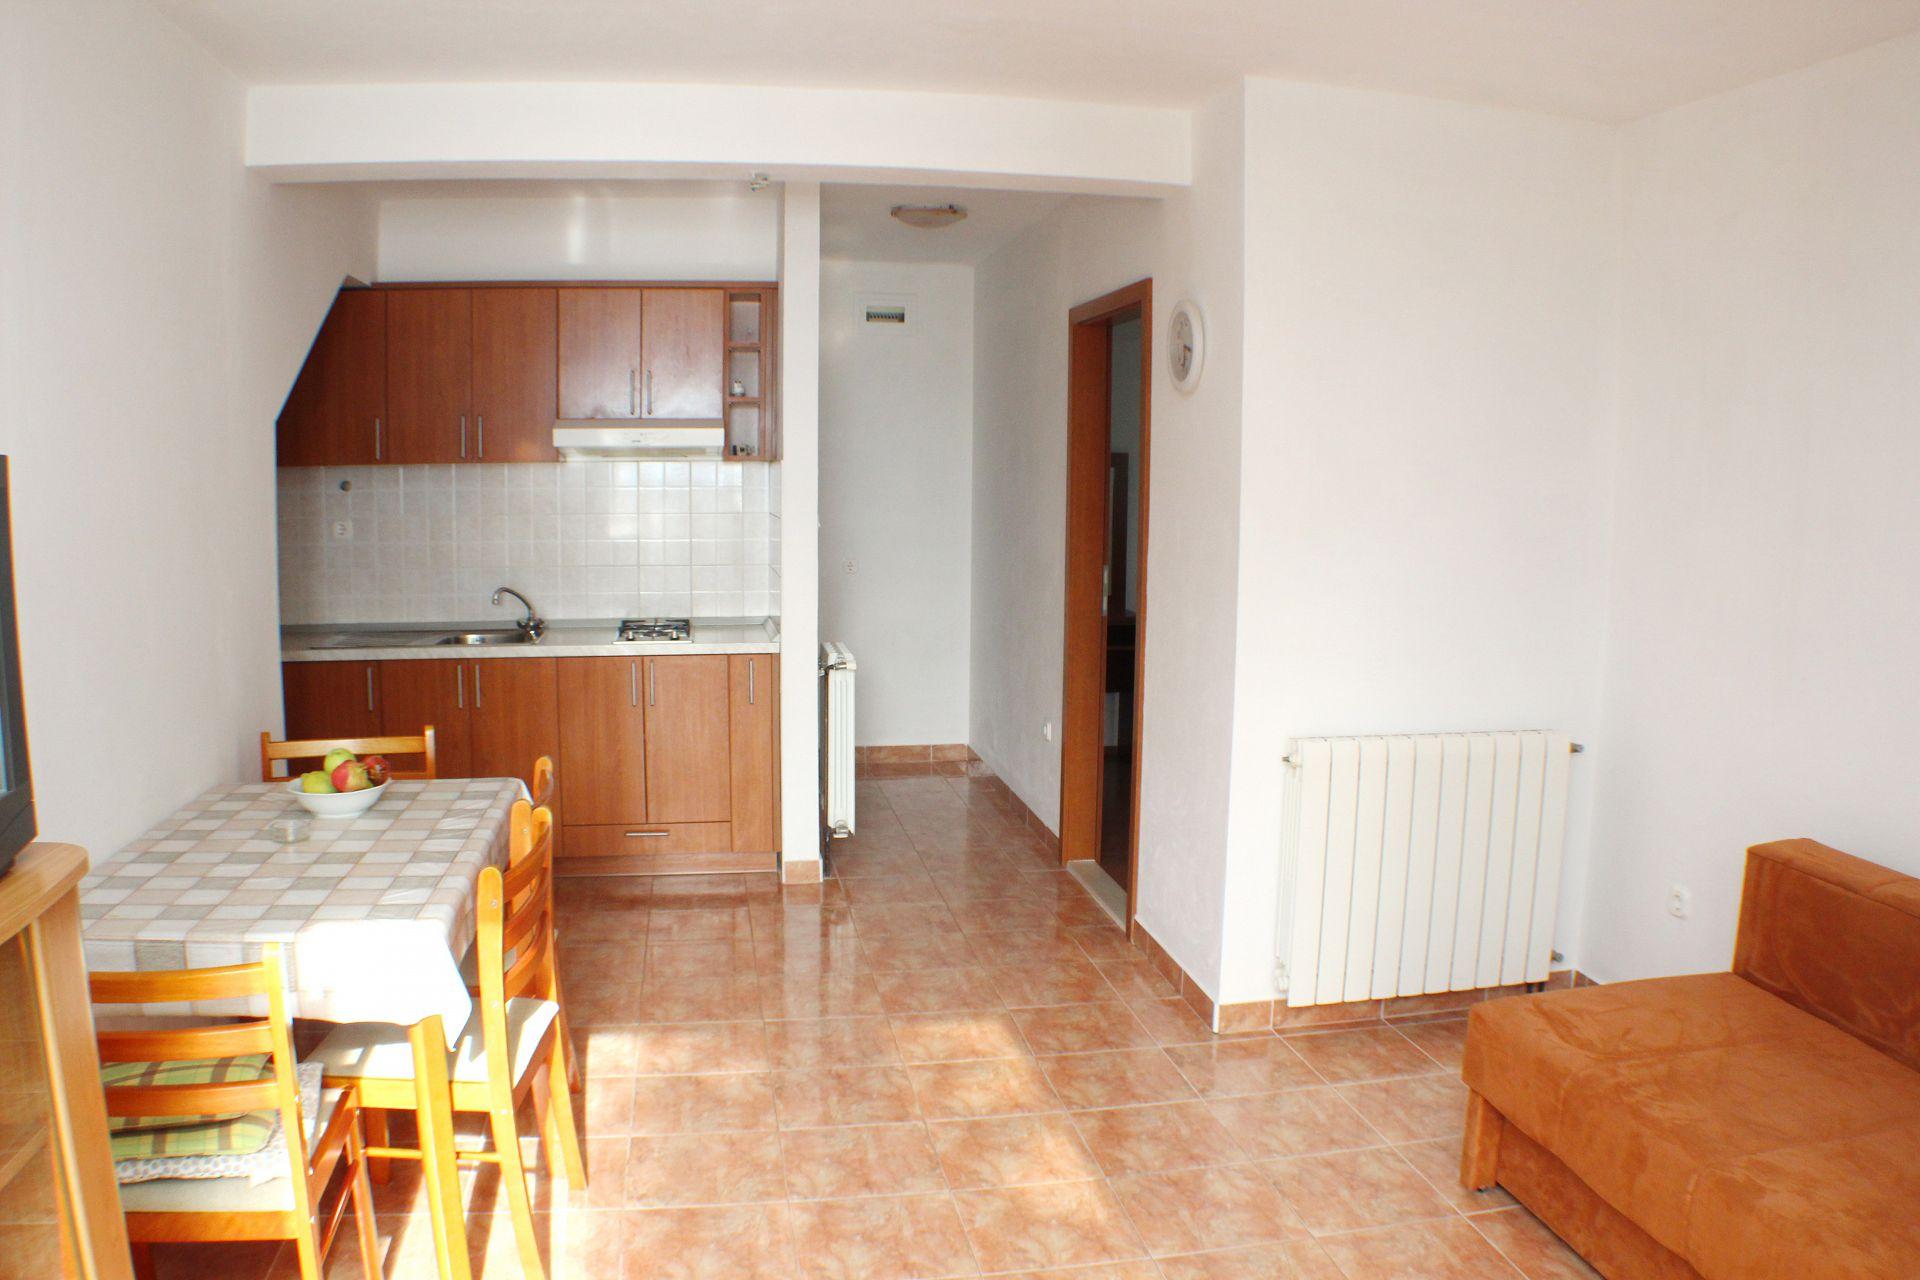 Ferienwohnung 5147  A4 Somina(2+2) - Brist (739134), Podaca, , Dalmatien, Kroatien, Bild 13